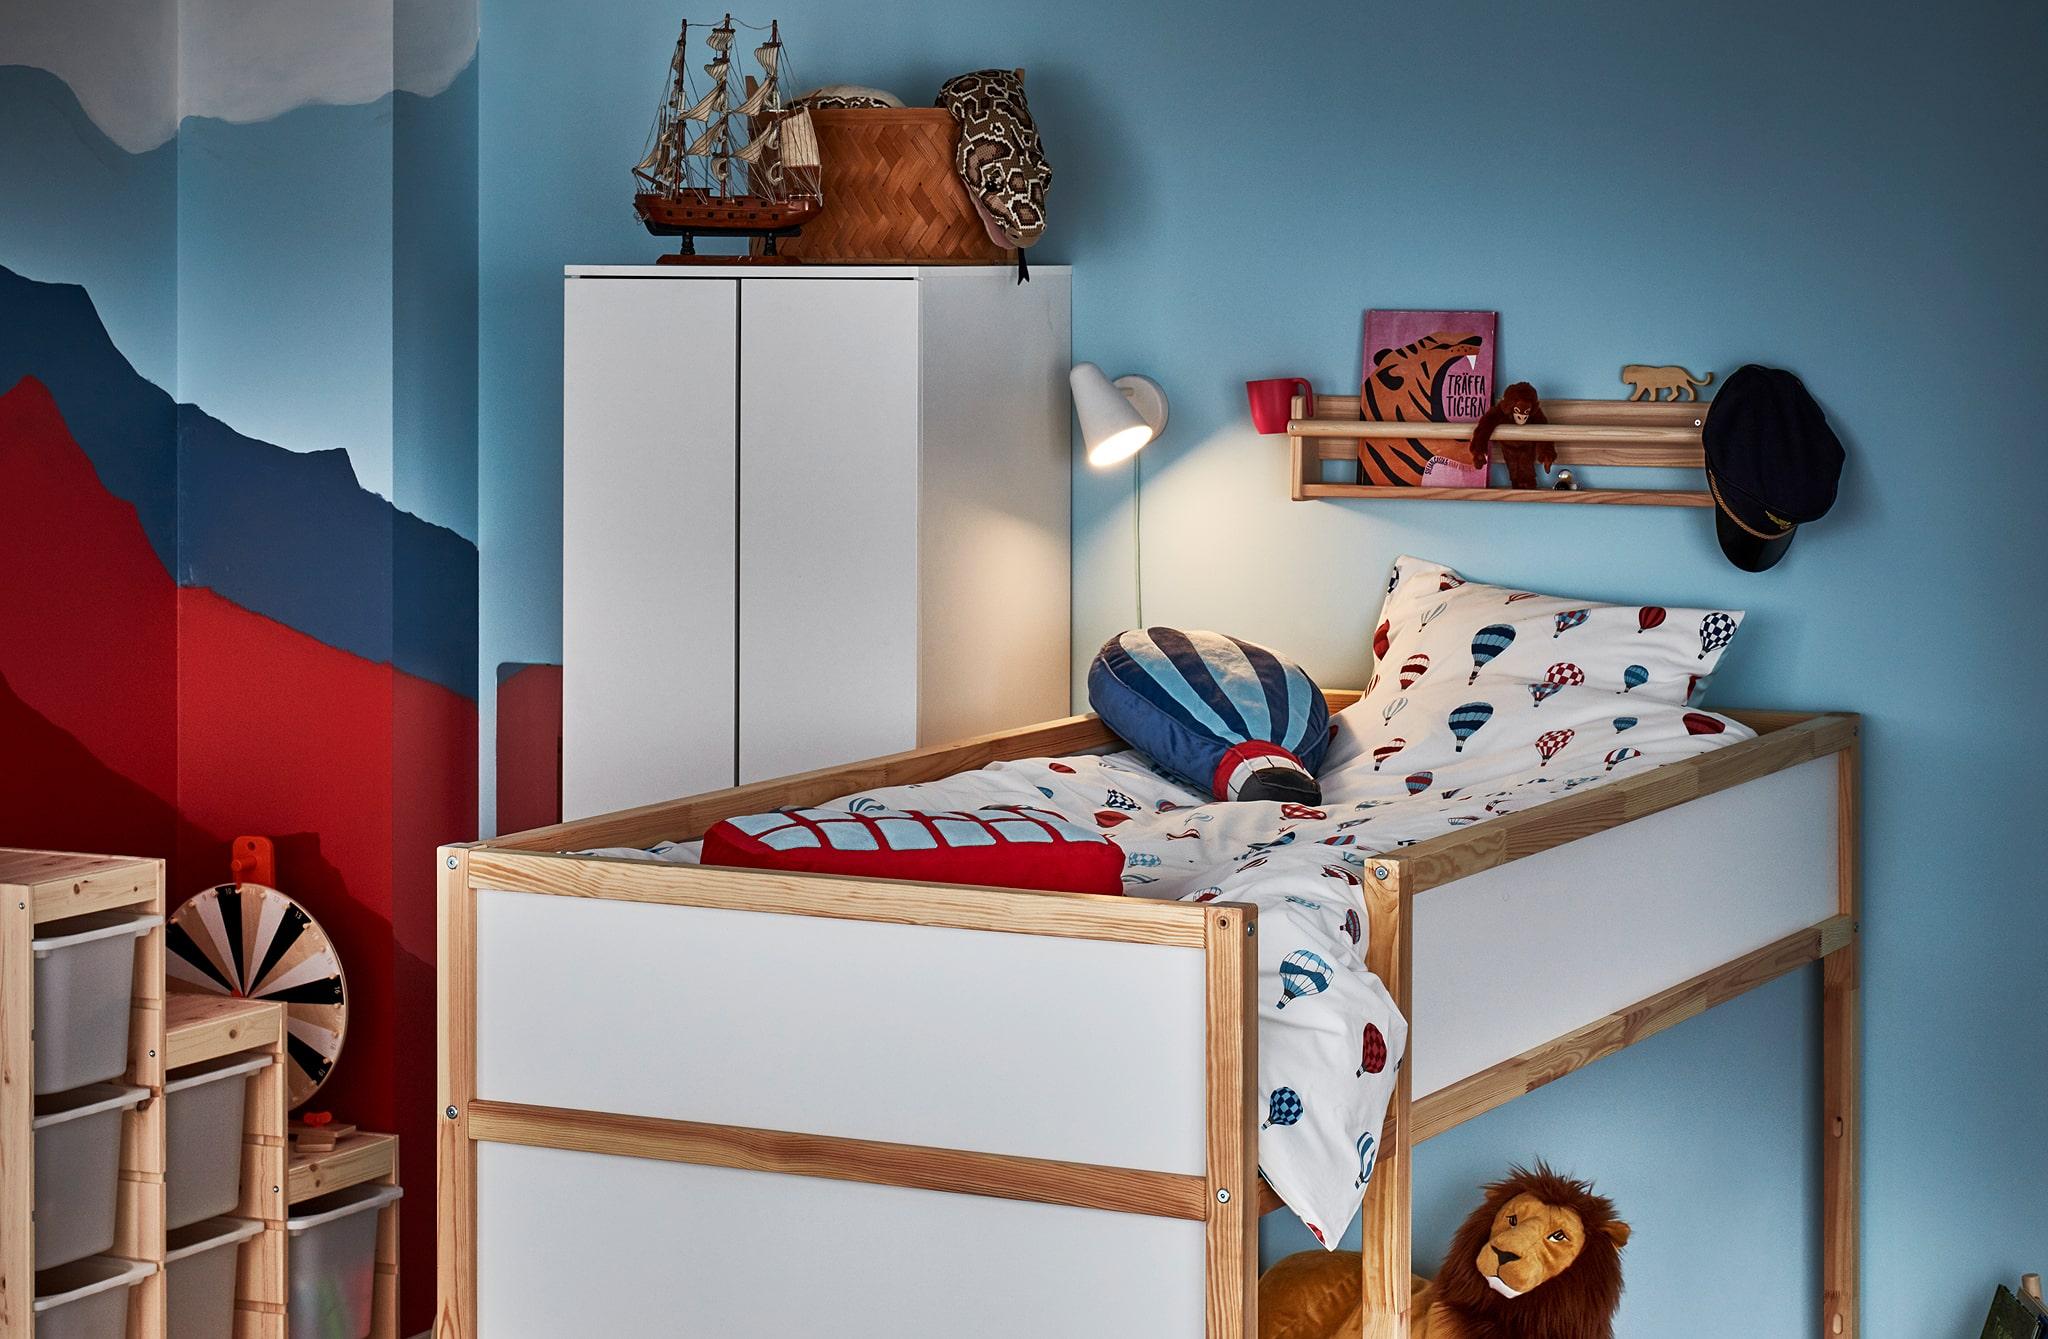 Sudut kamar anak dengan tempat tidur yang dapat dibalik dalam posisi matras di atas, ambalan rak dengan buku dan mainan, lampu tidur menyala.